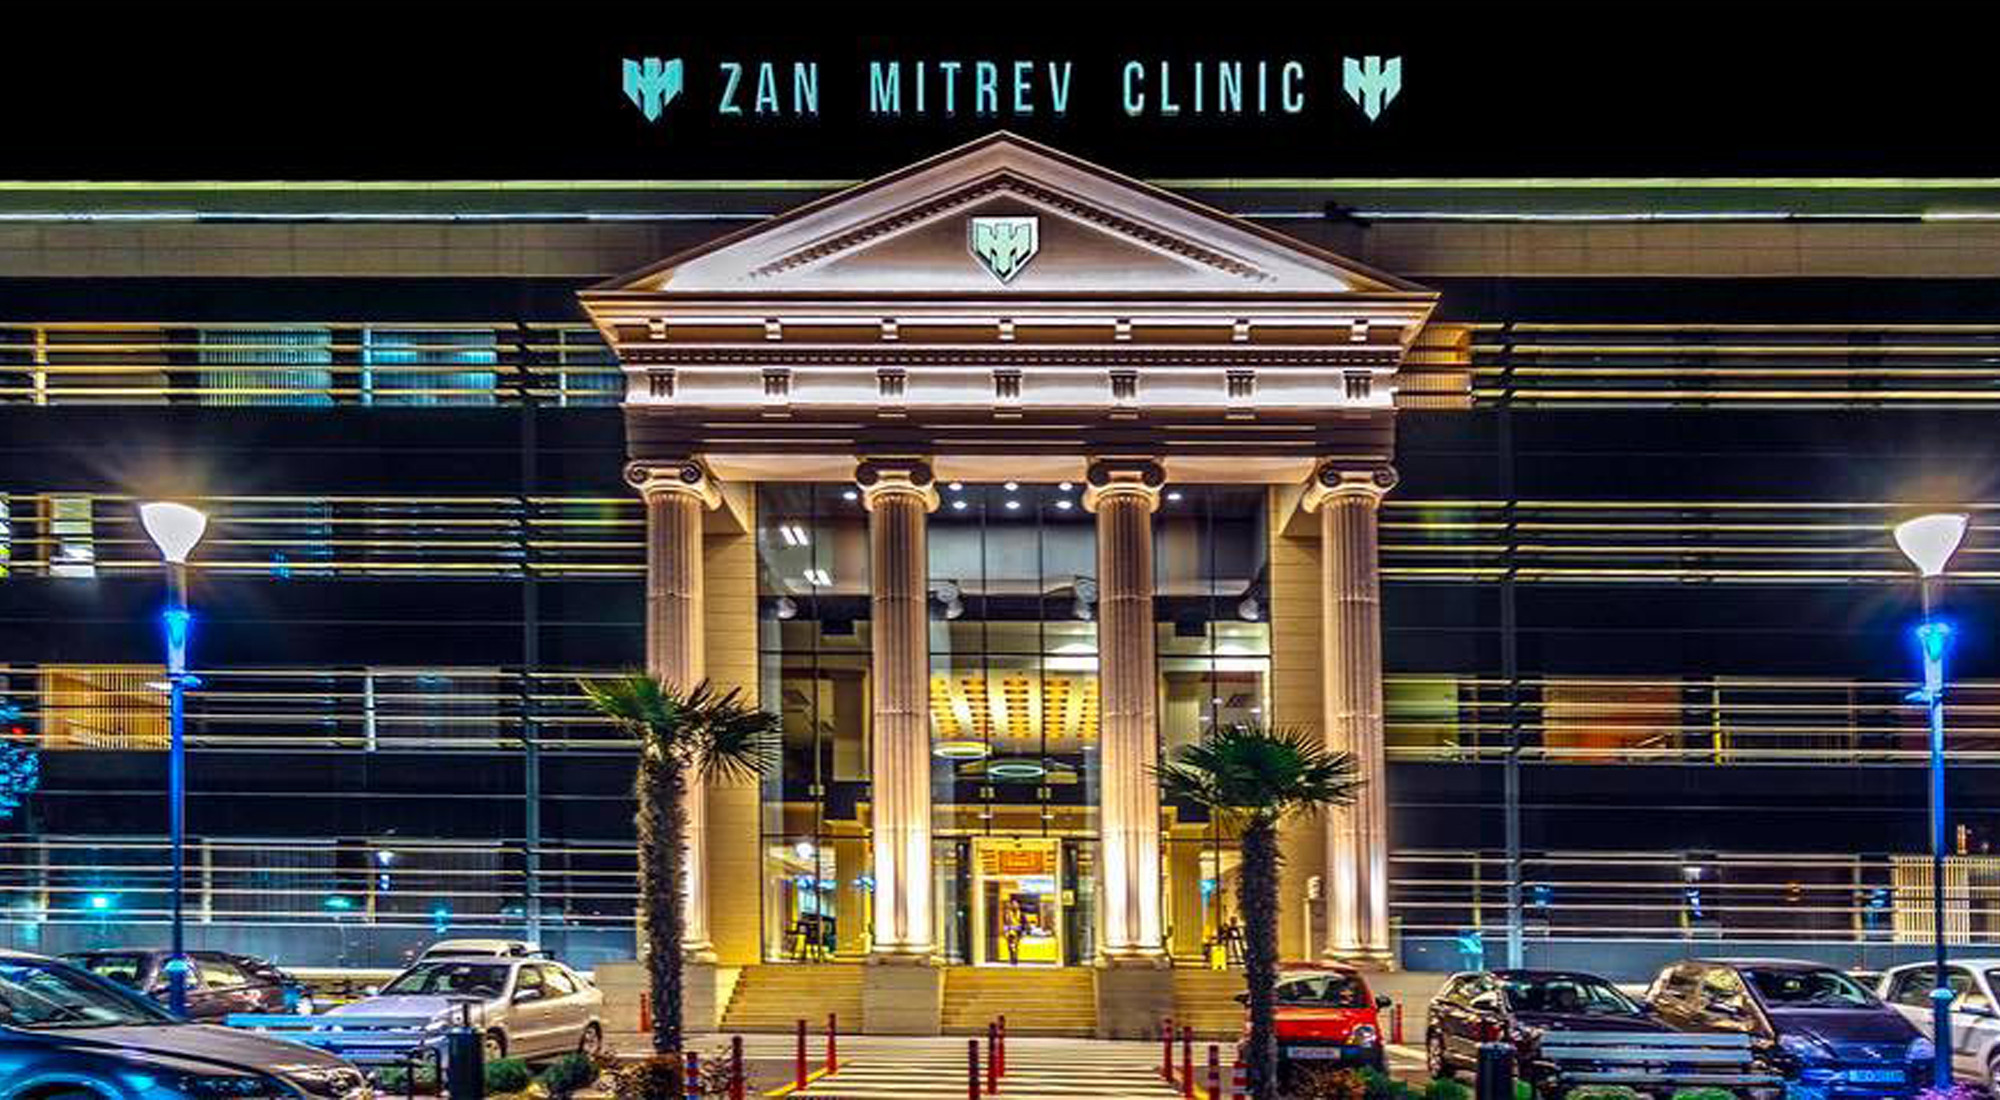 Specialized Clinic 'Zan Mitrev'